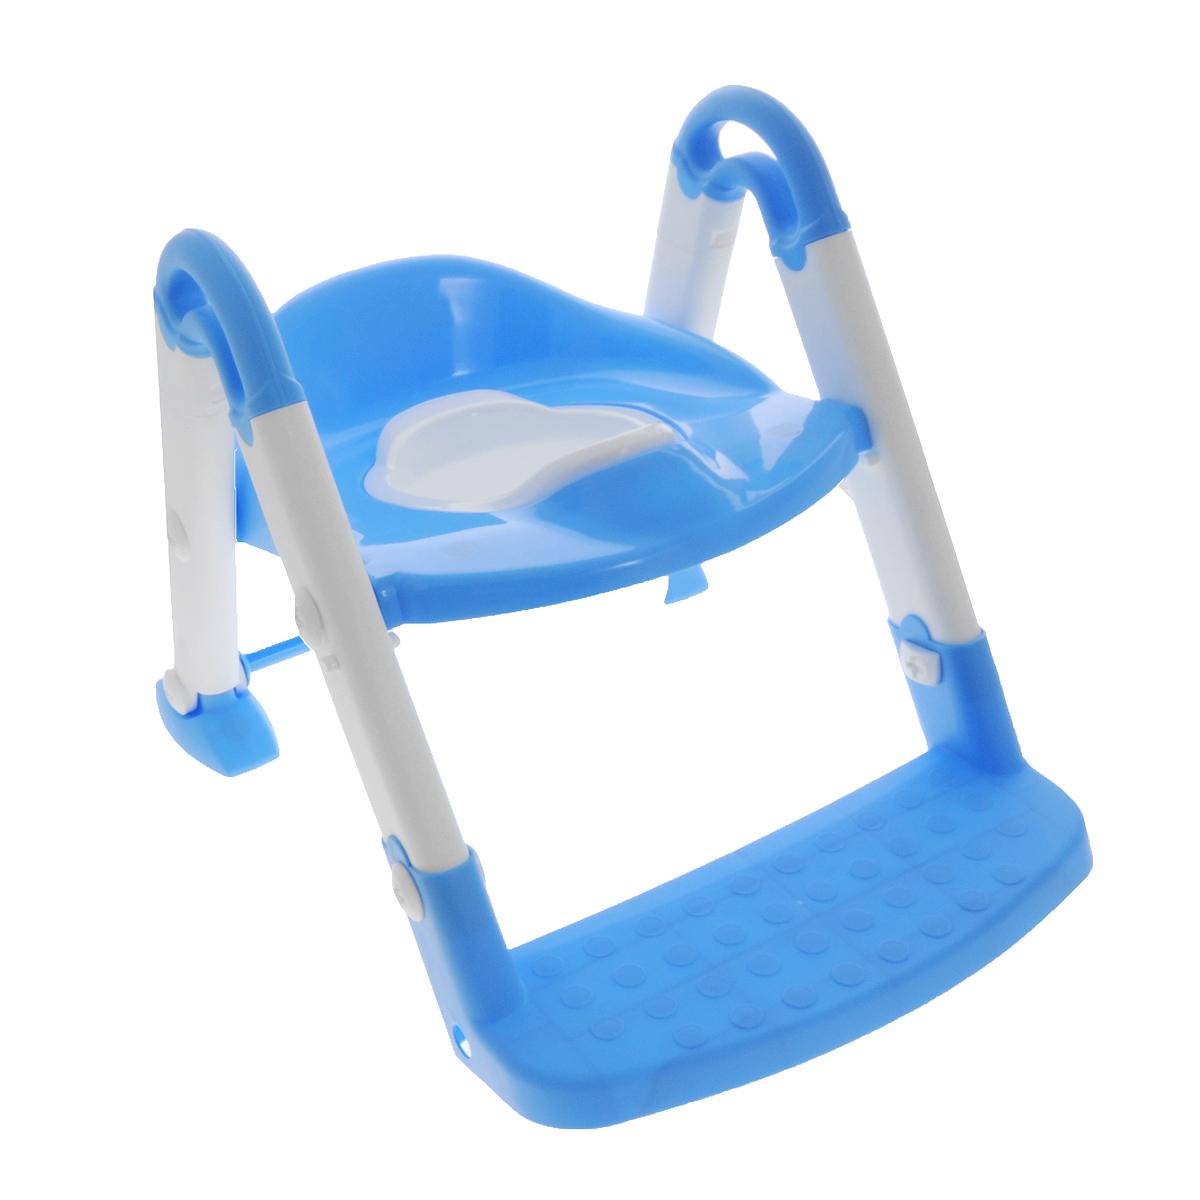 Горшок-трансформер Roxy Kids, 3 в 1, цвет: голубойBPT-106Горшок-трансформер Roxy Kids сделает быстрым и комфортным процесс приучения ребенка к горшку и переход от горшка к унитазу. Горшок выполнен из яркого пластика, соединяется при помощи пластиковых болтов. Внутренняя часть горшка легко вынимается и моется отдельно. Эргономичный горшок-трансформер легко складывается, без труда превращаясь из эргономичного горшка с ручками в адаптер для туалета или насадку на унитаз со ступенькой. Такой горшок поможет с ранних лет приучить малыша к пользованию унитазом, позволяя ему почувствовать себя совсем взрослым. Максимальный вес ребенка: 25 кг.